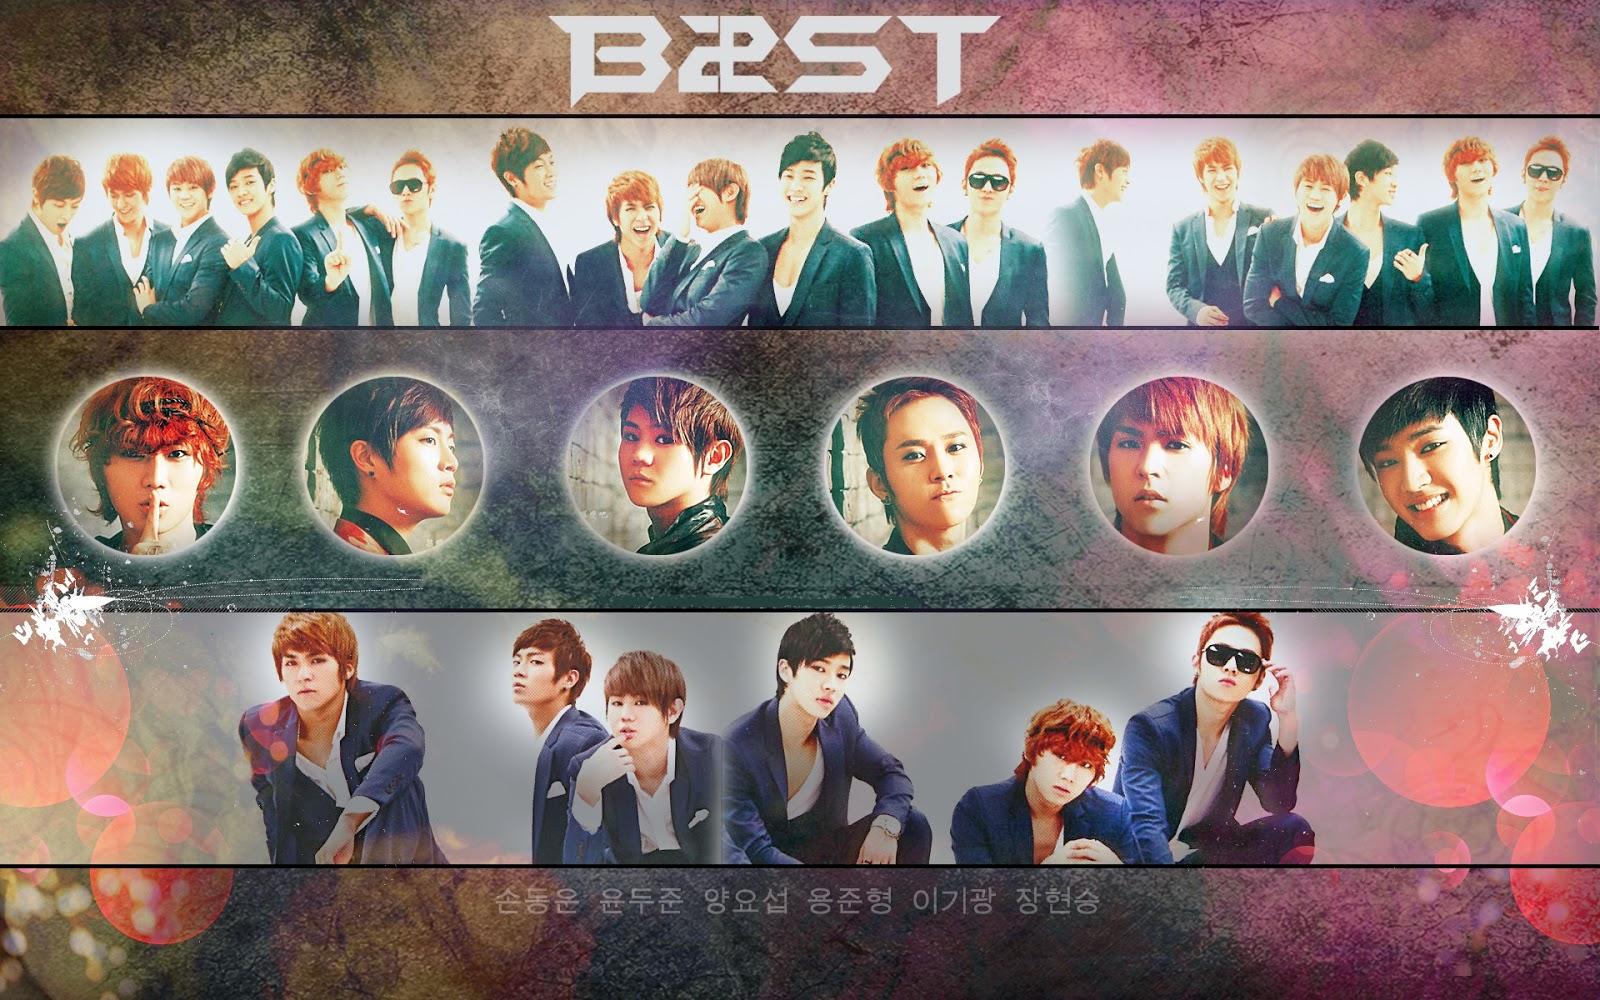 http://2.bp.blogspot.com/-1Tirjcgx-2E/UVgC6GBgpsI/AAAAAAAAhwY/fKhOiQHvw1M/s1600/beast-B2ST-wallpaper-HD-3.jpg